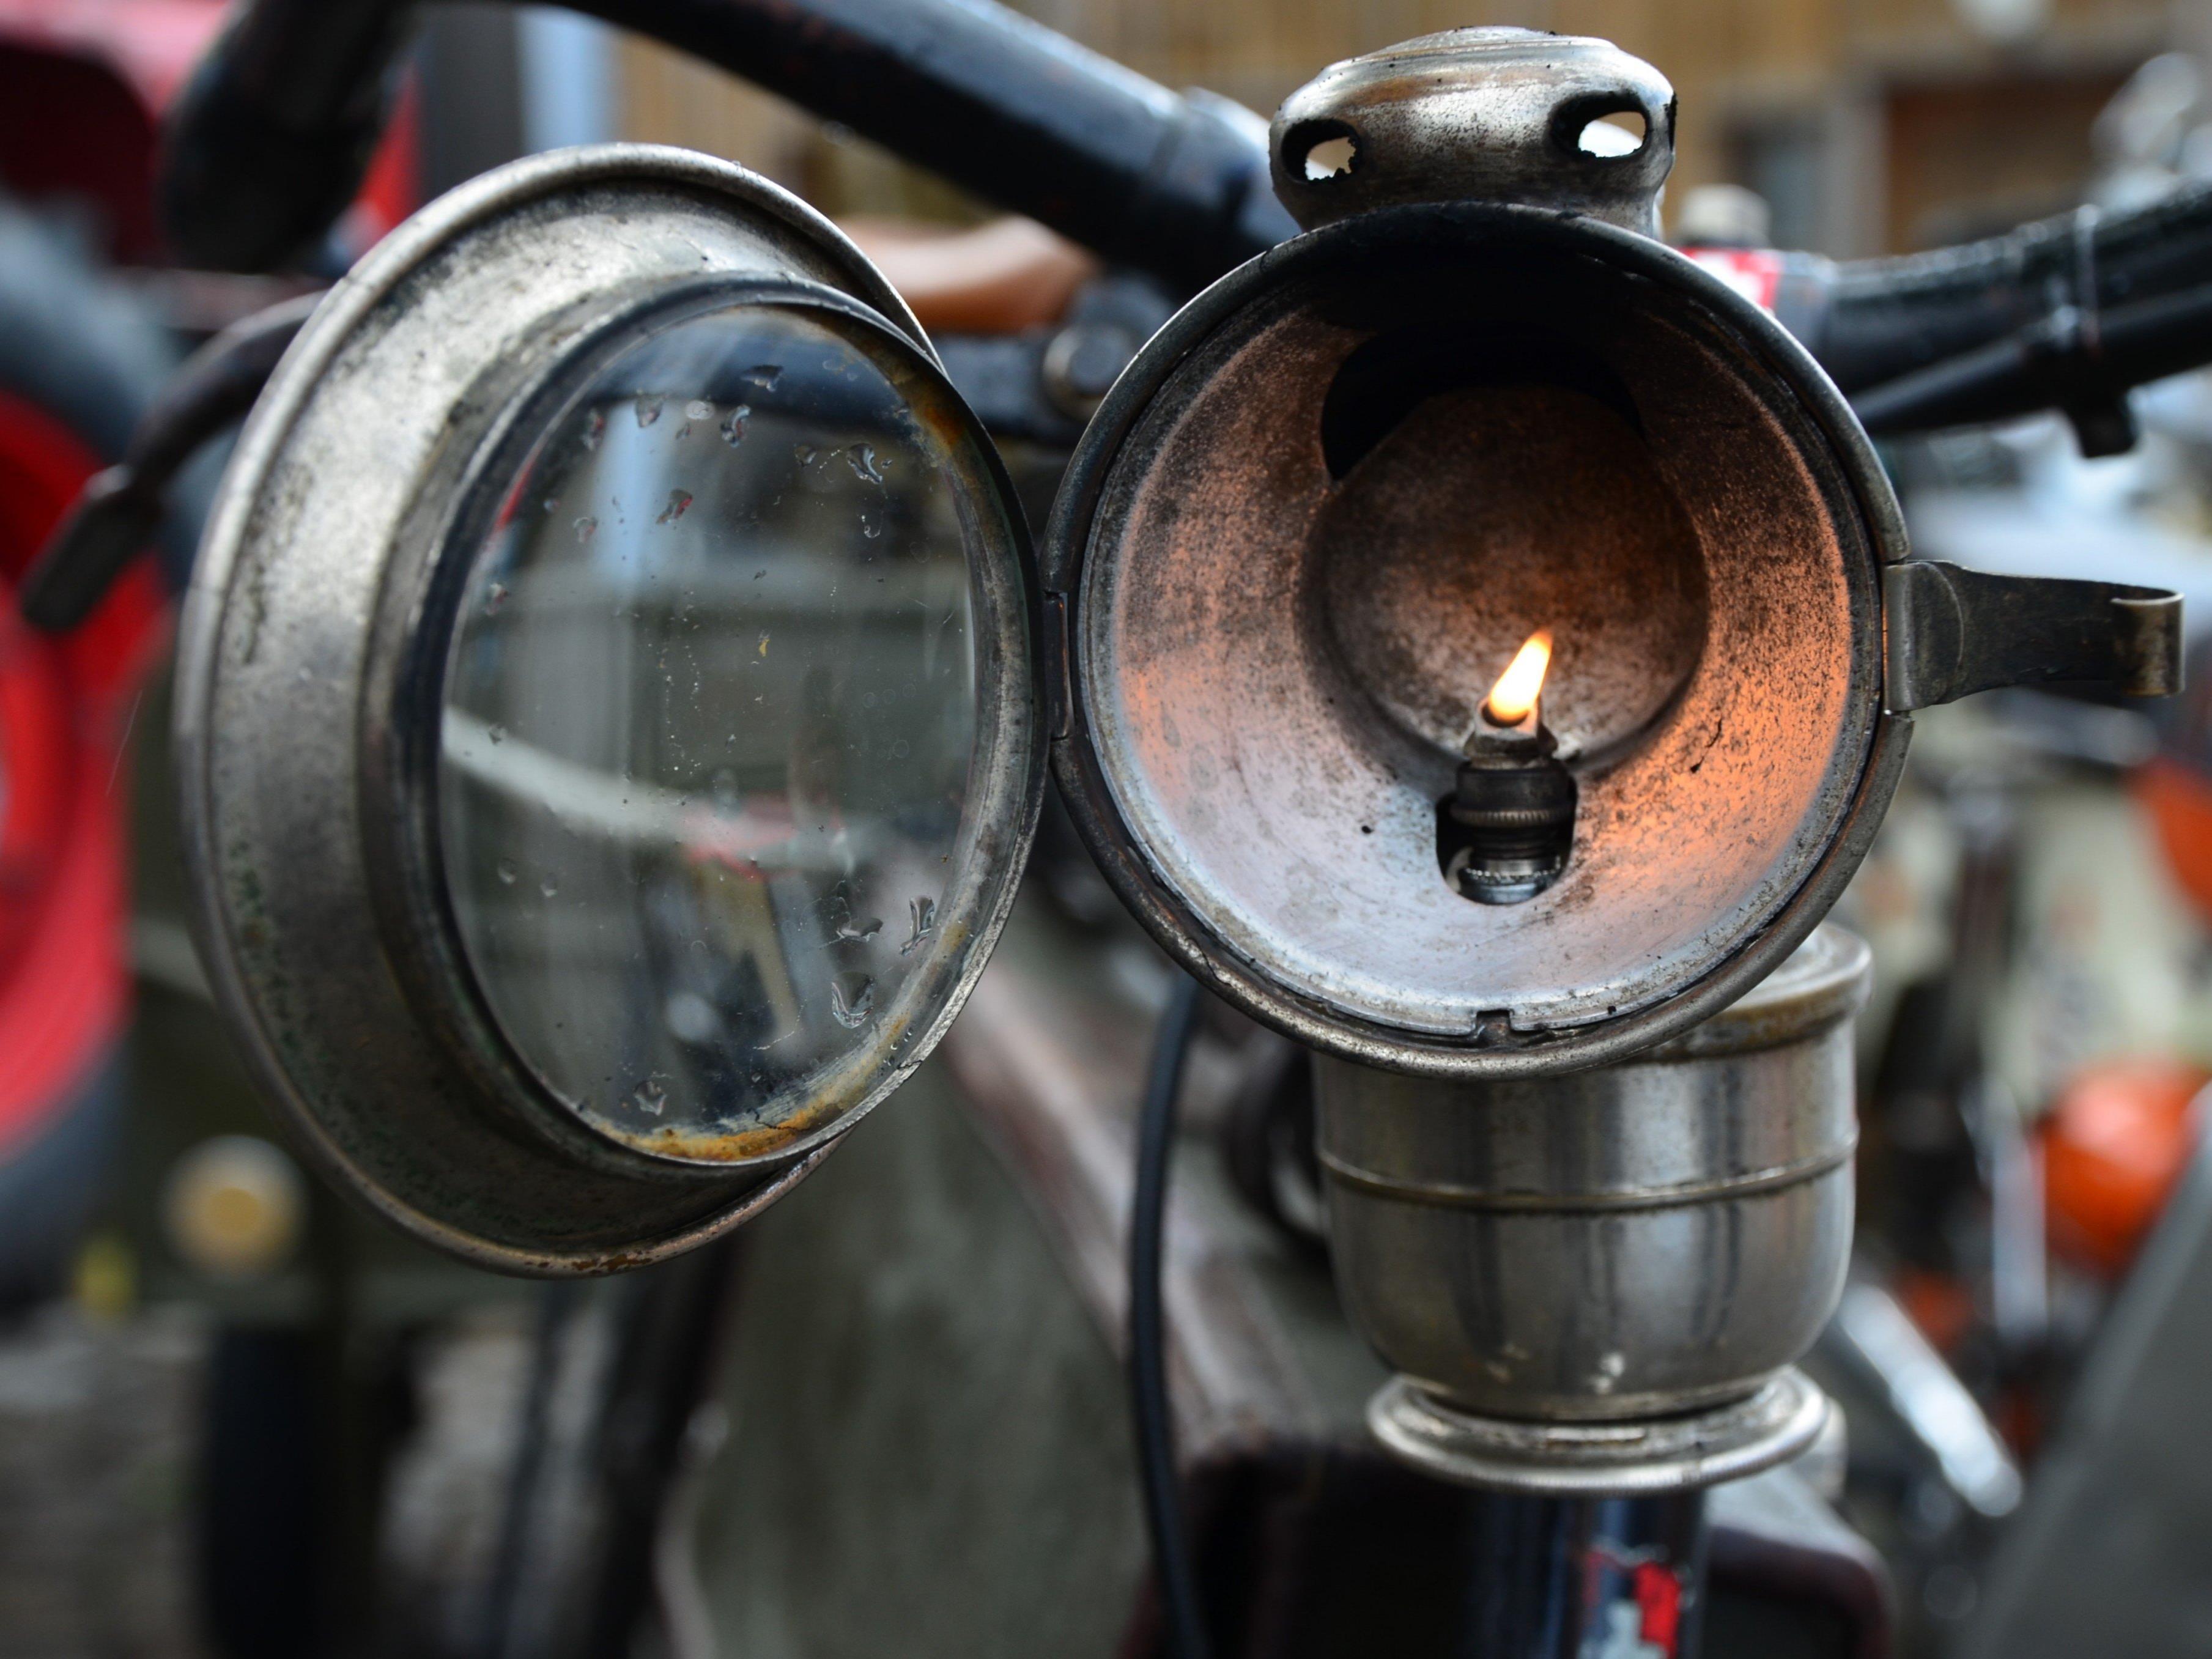 Fahrrad mit Karbidbeleuchtung